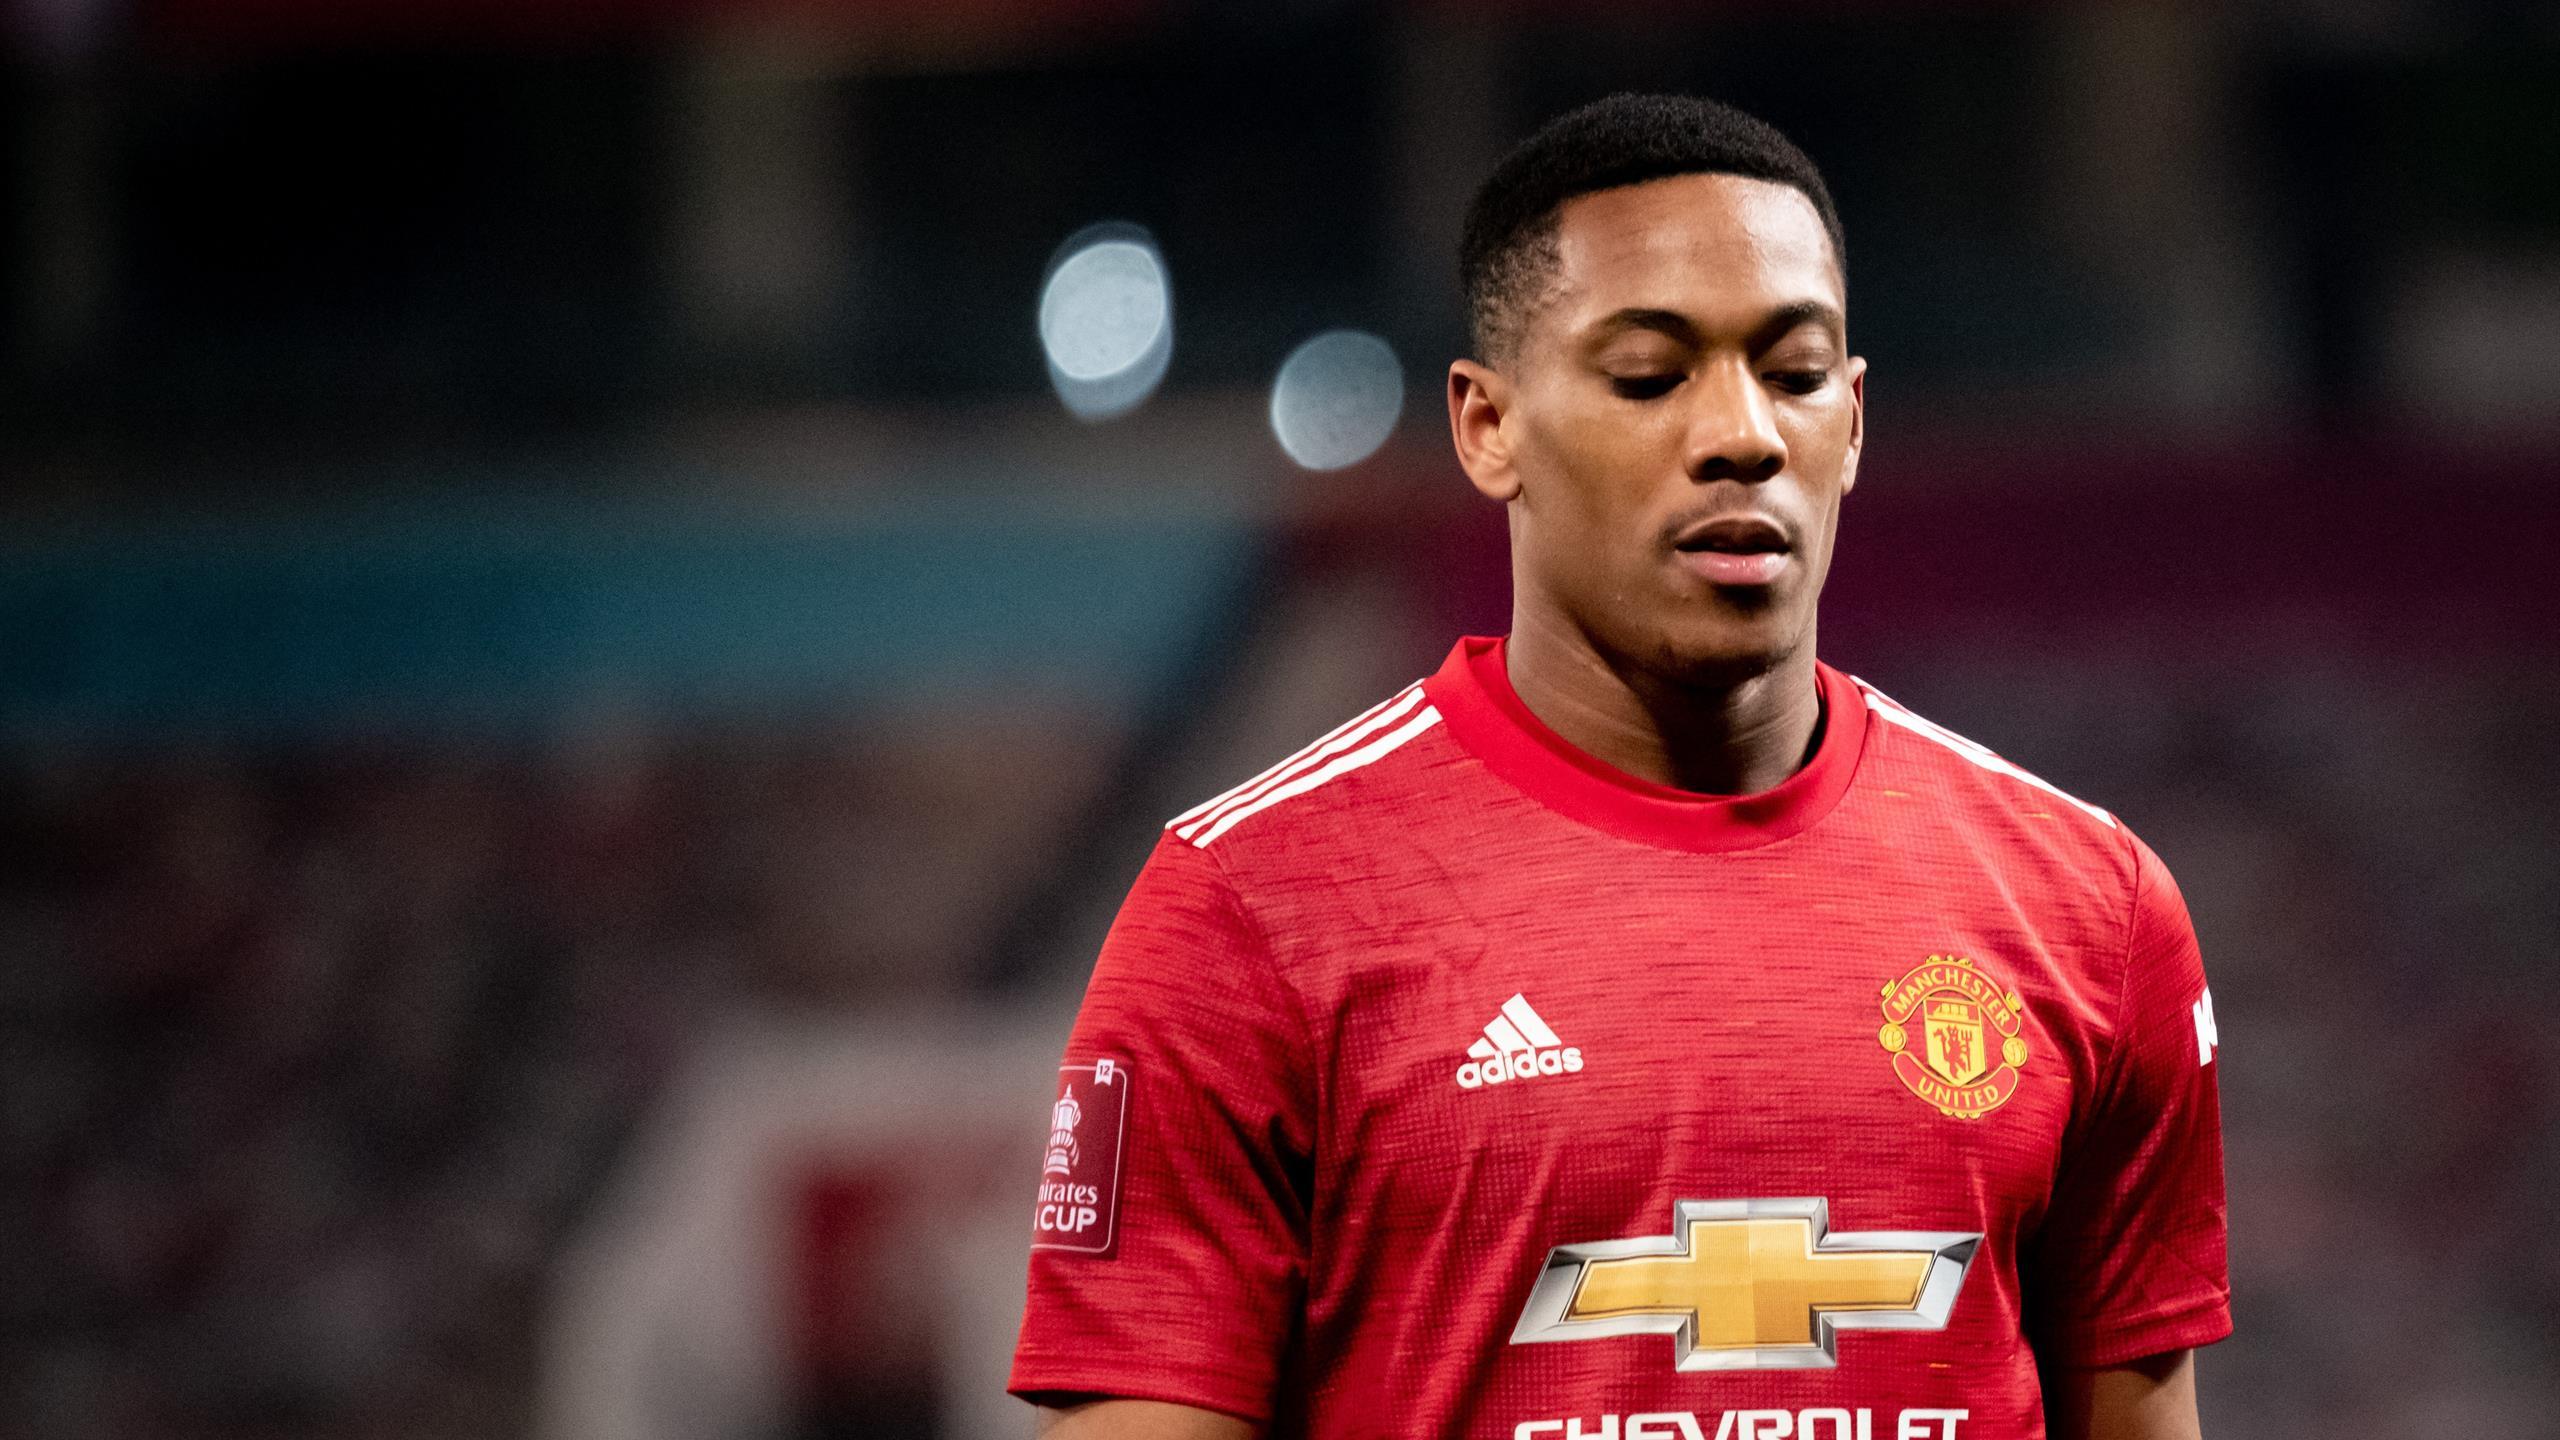 Pas assez performant et désormais concurrencé par Sancho, Martial en plein flou à Manchester United